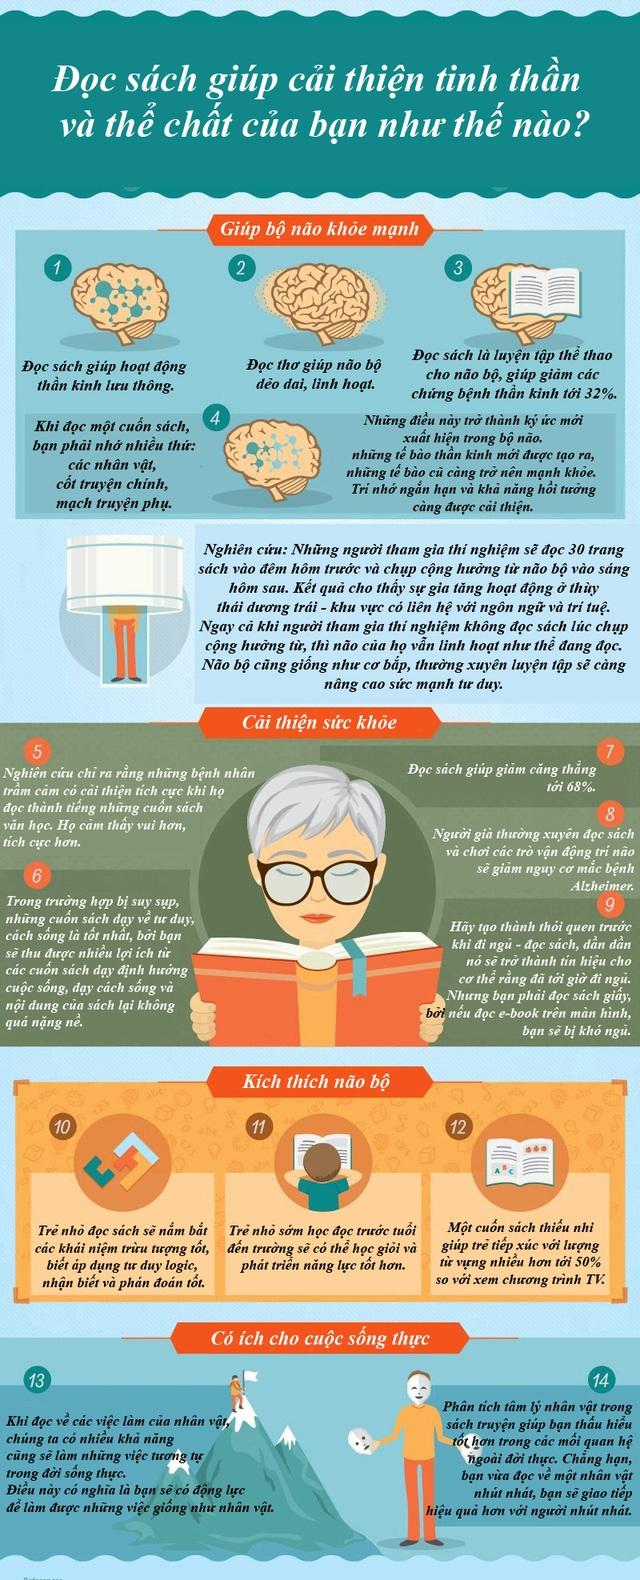 [Infographic] 14 tác dụng tuyệt vời của việc đọc sách - 2